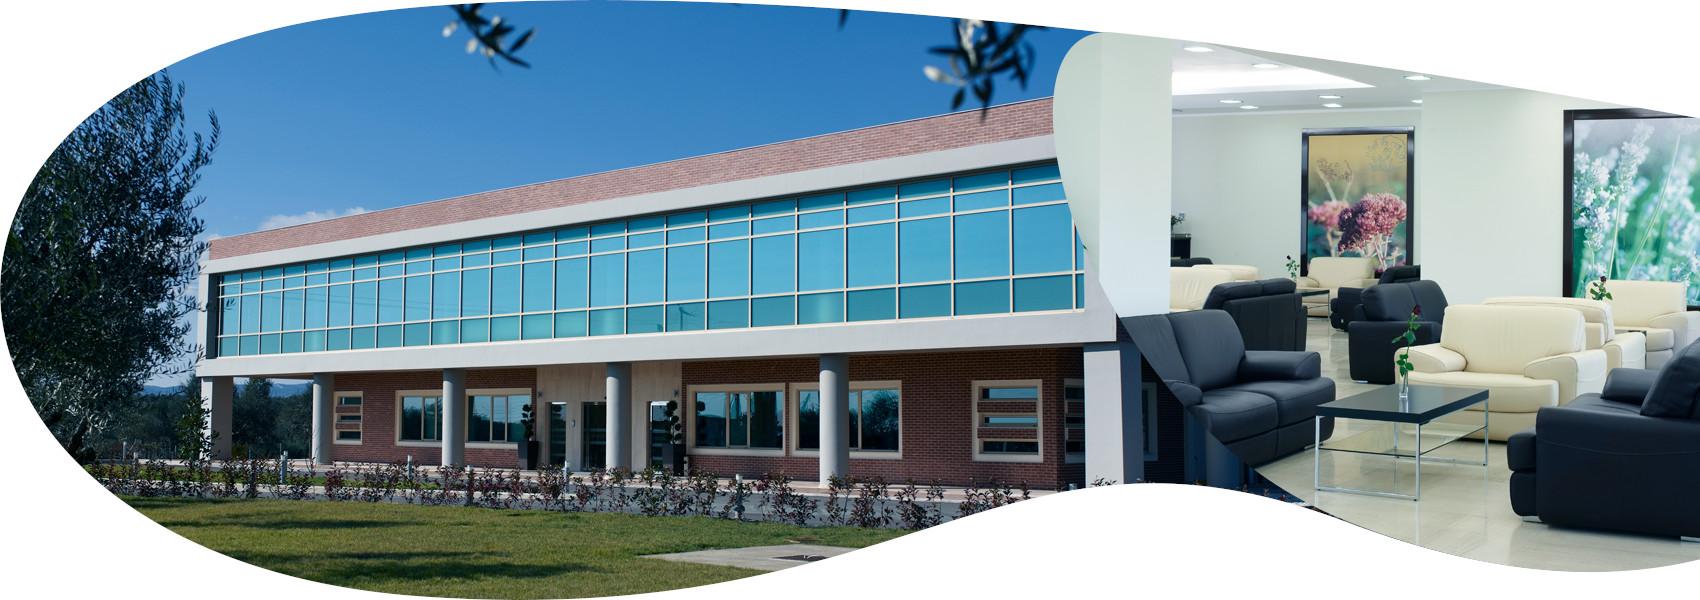 Νεφρολογικό κέντρο Καλαμάτα